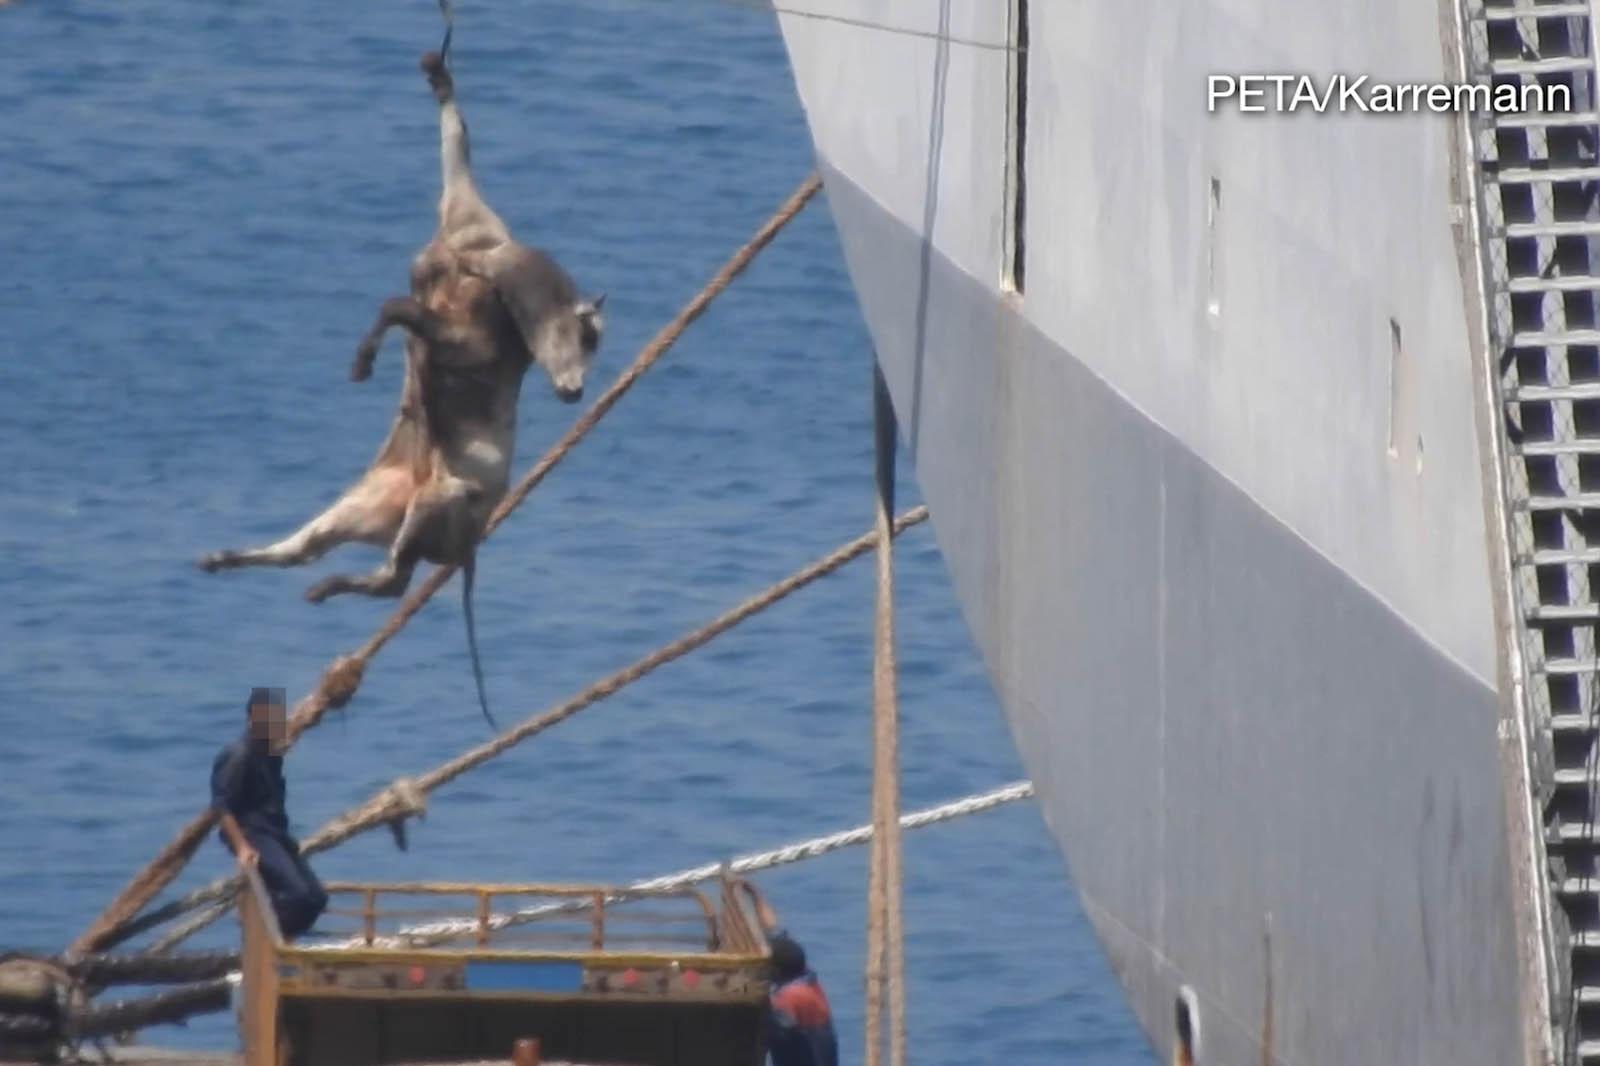 Rind wird an Seil um die Hufe hochgezogen auf ein Boot